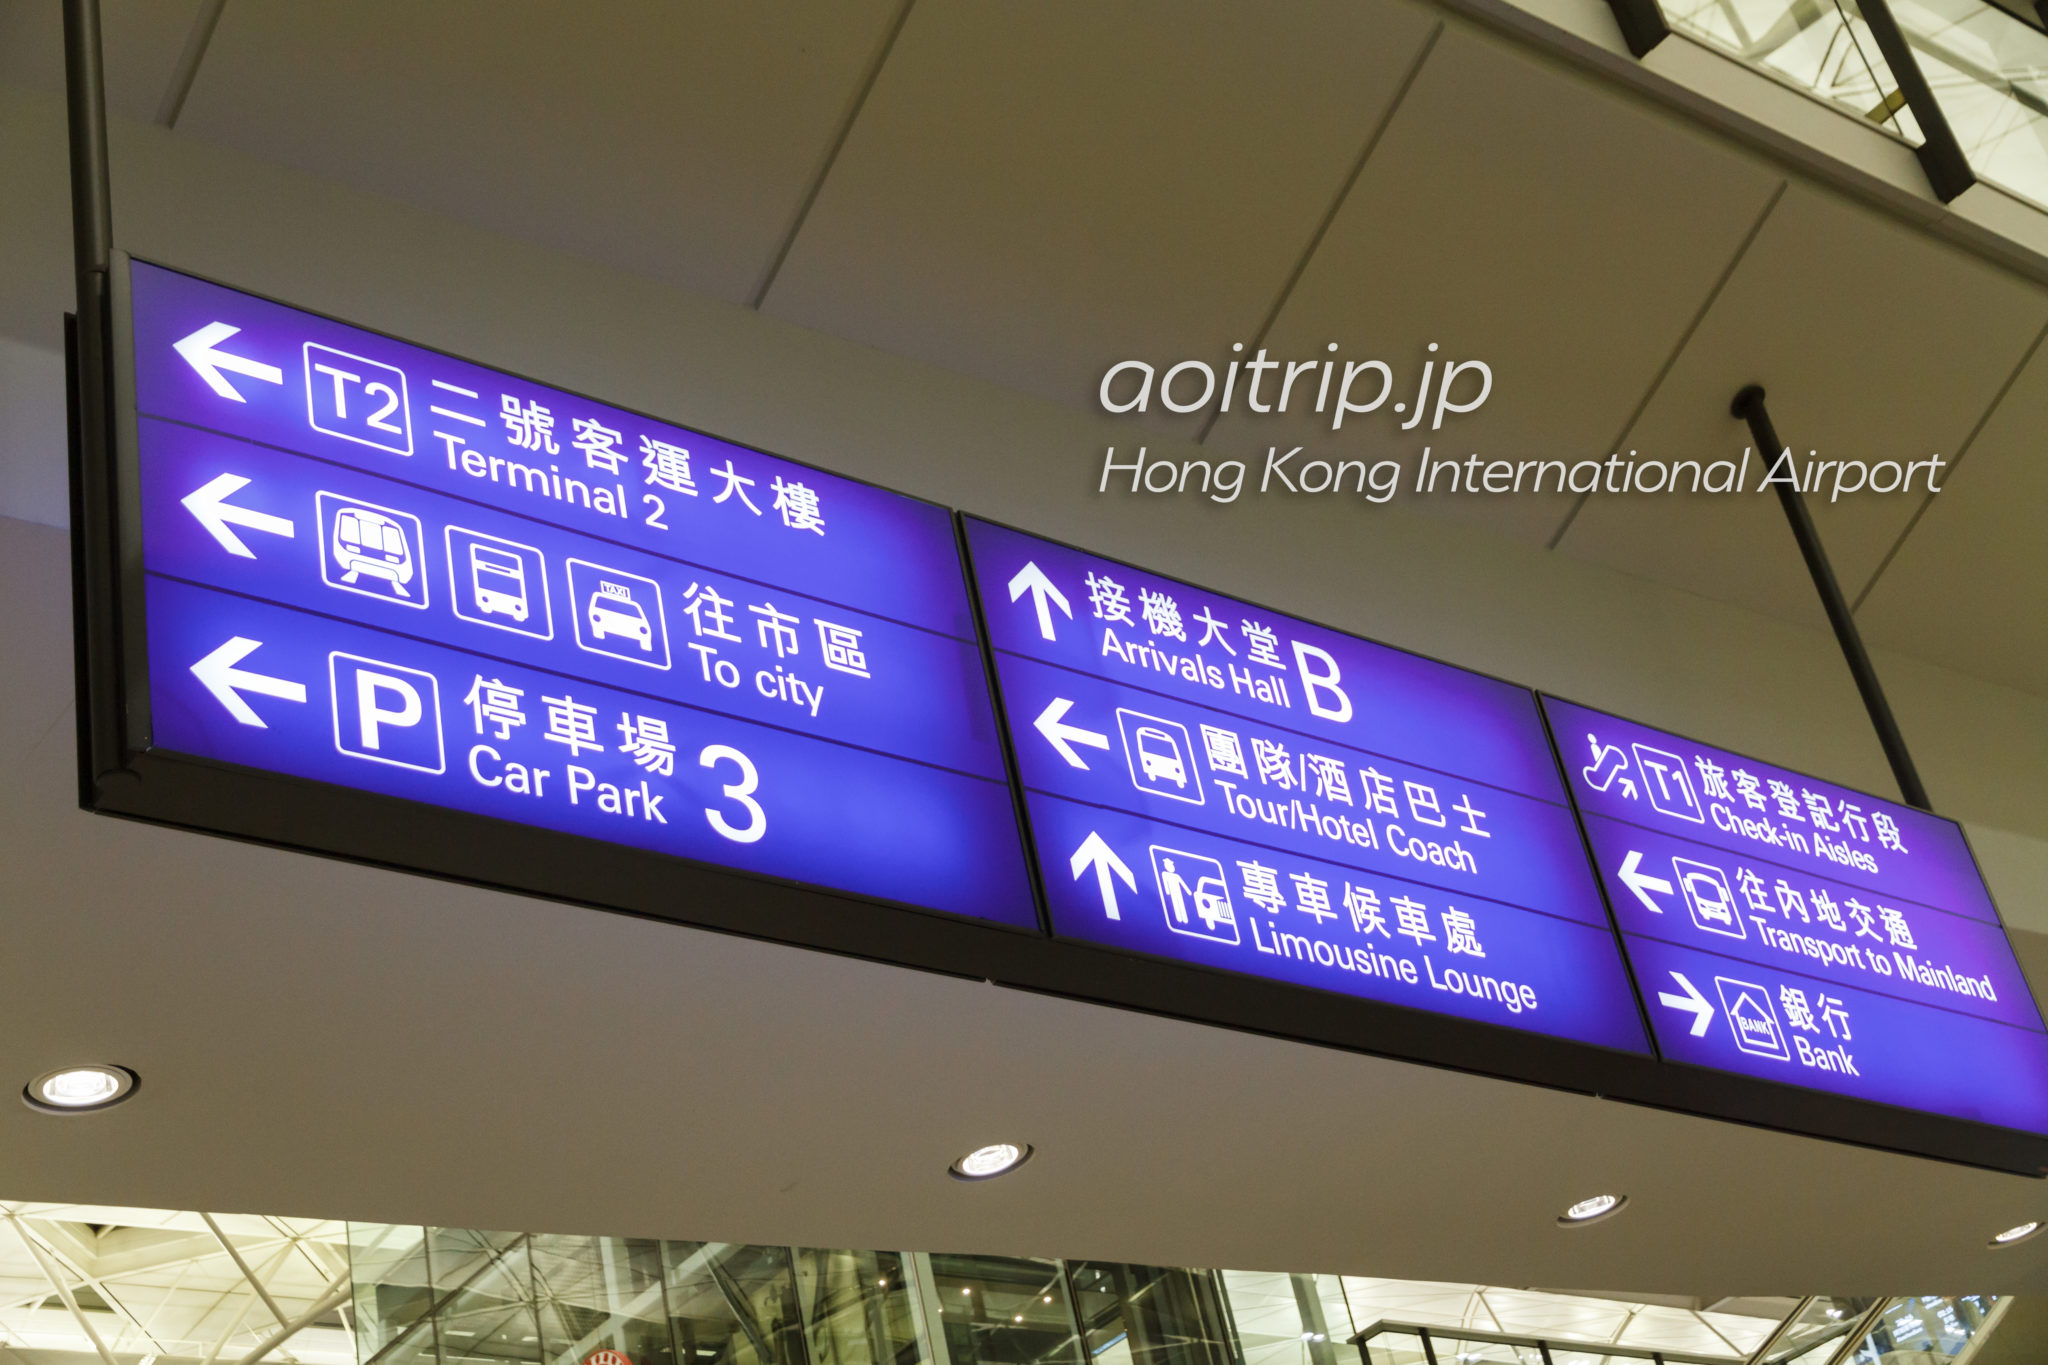 香港国際空港の案内看板